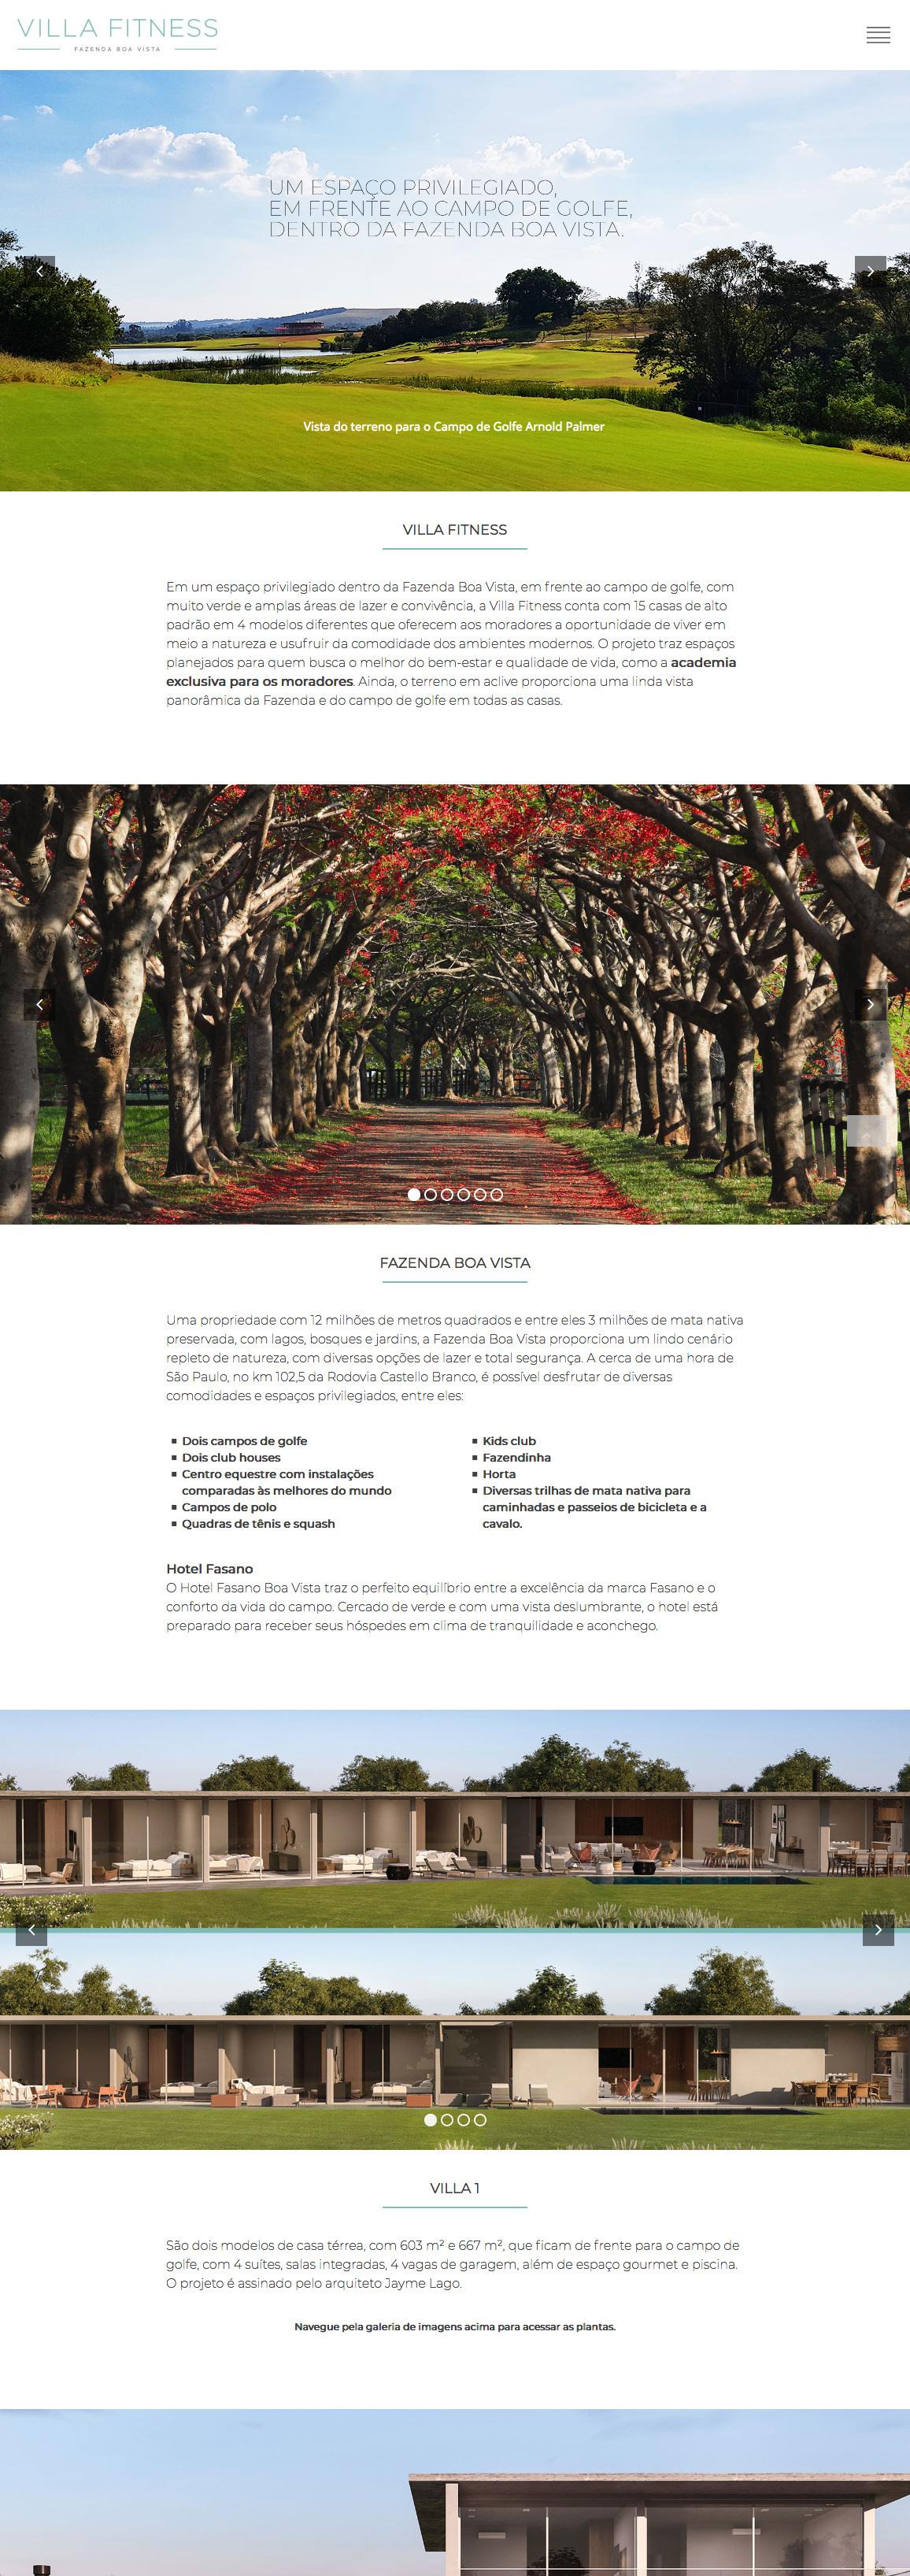 Landing page do empreendimento - CLIQUE E VEJA ONLINE